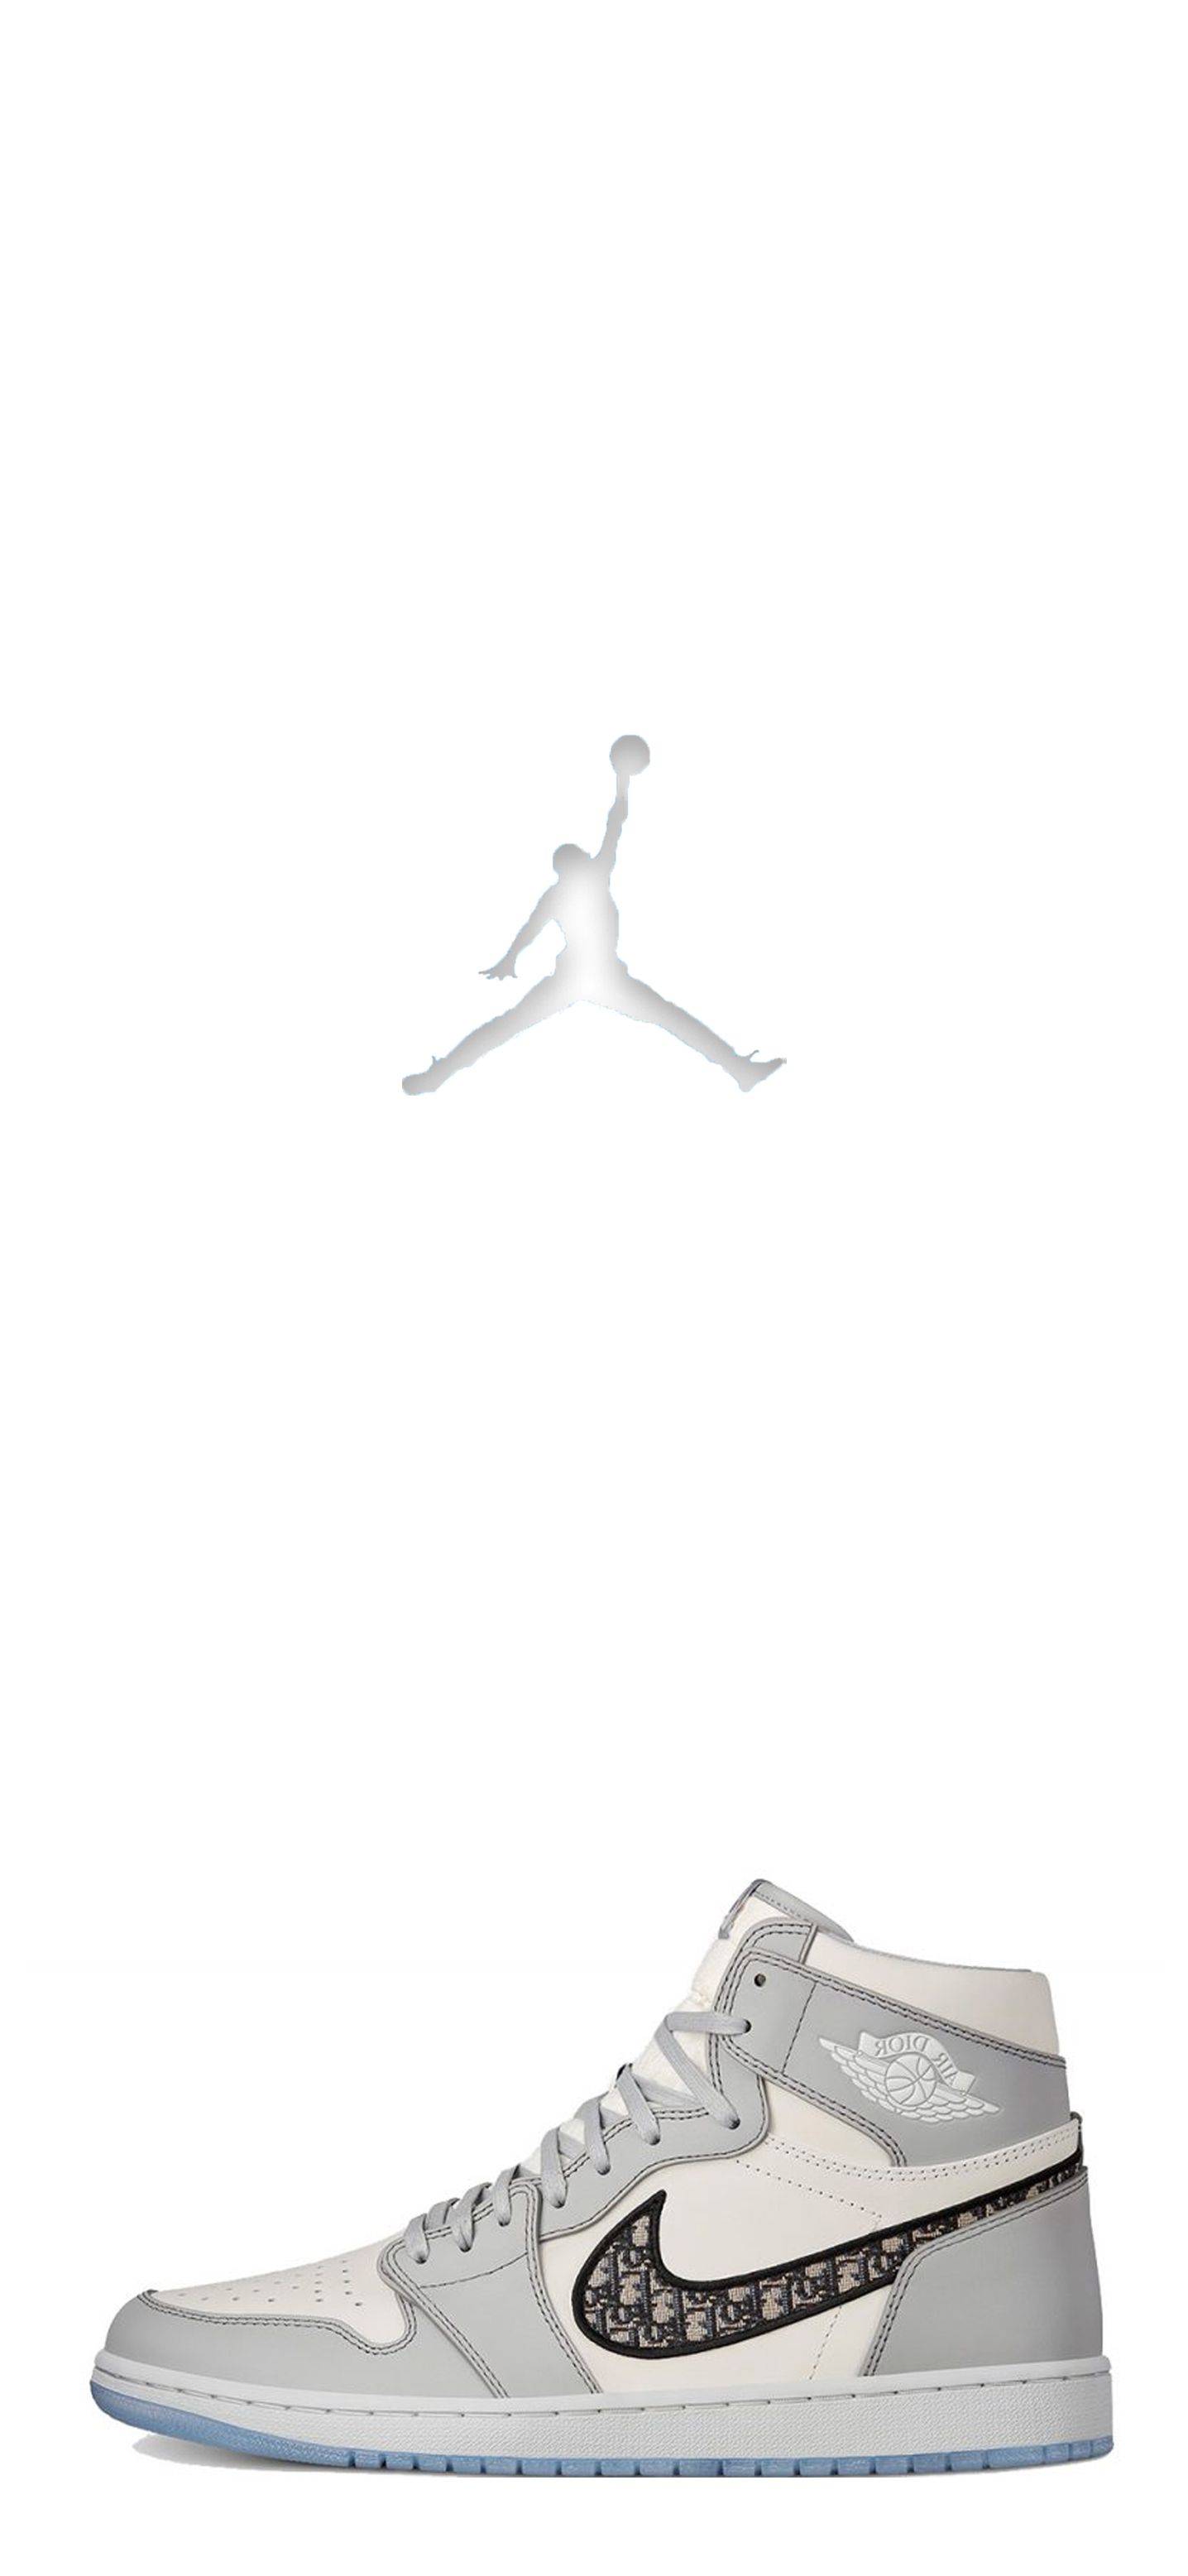 Air Jordan 1 (Dior)   Nike air jordan shoes men, Jordan shoes ...